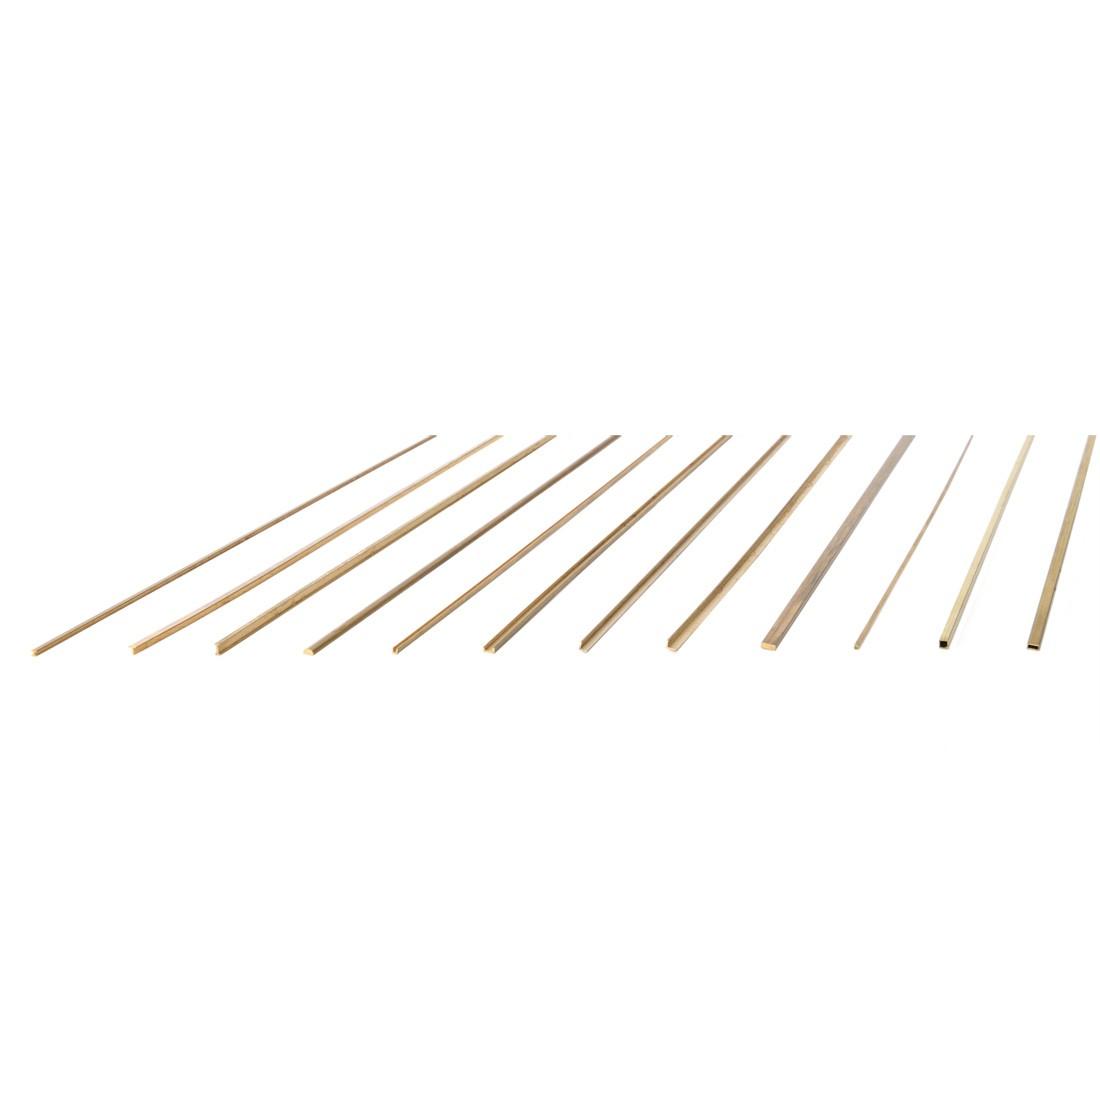 Microsecciones de latón 1x1x500.